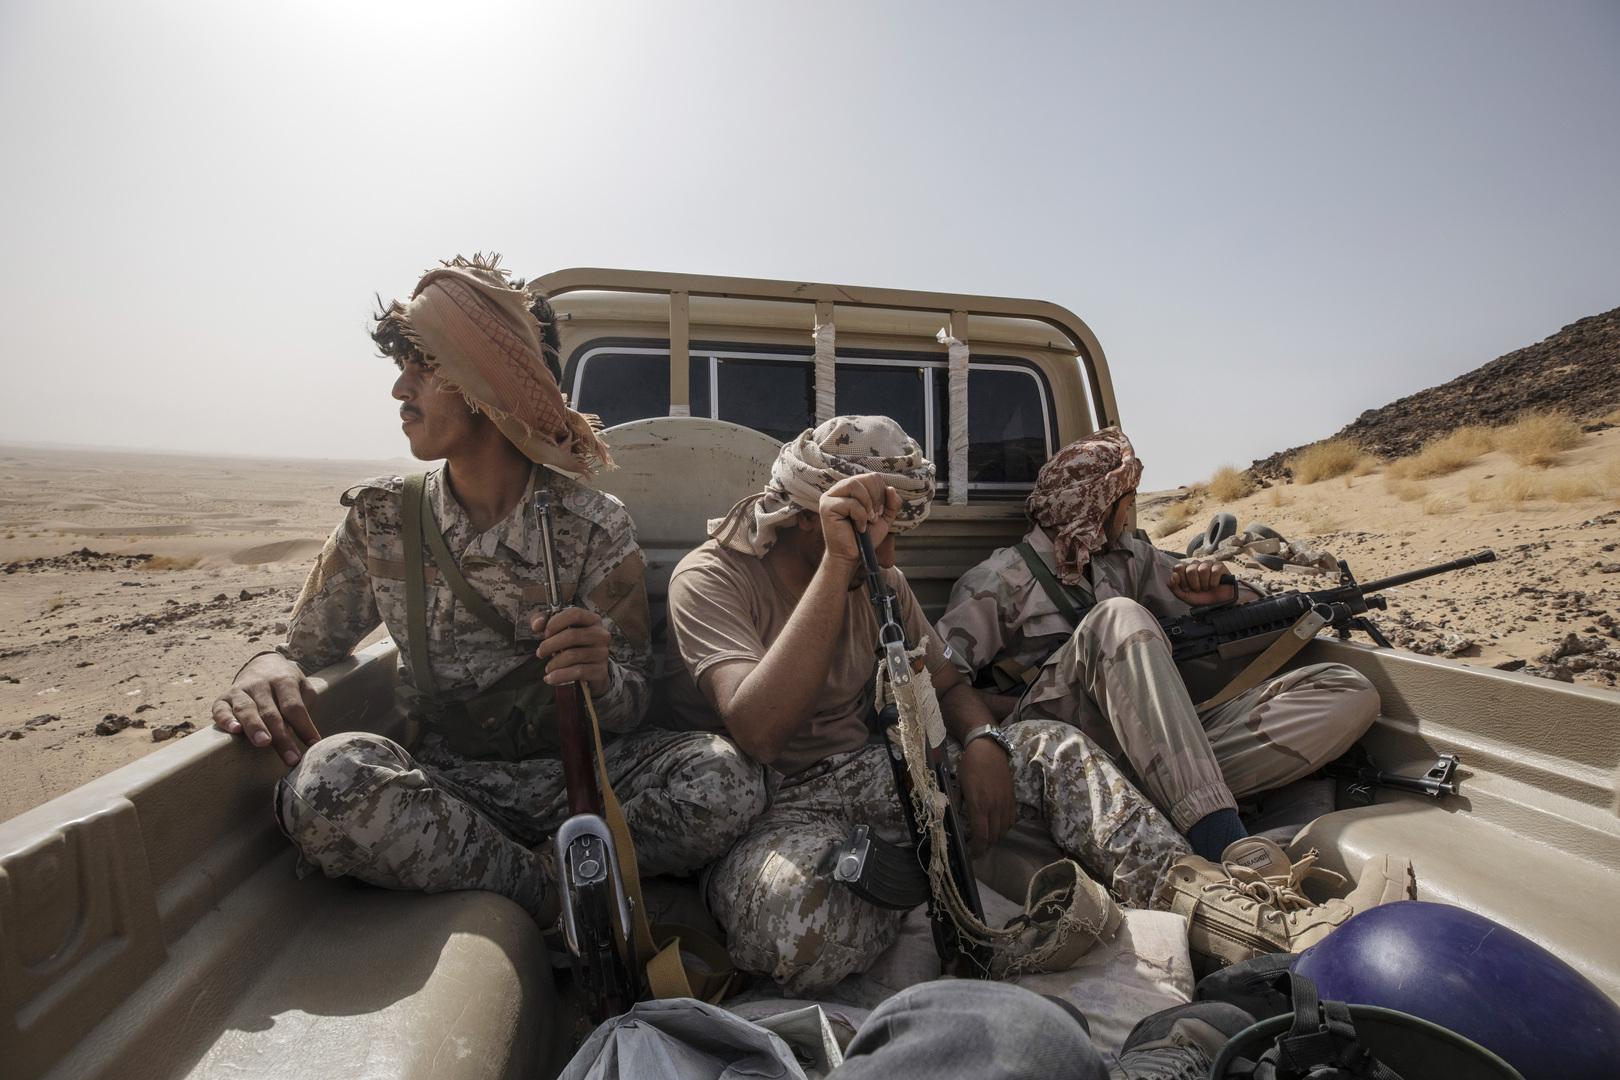 التحالف العربي يعلن تصفيته أكثر من 100 مقاتل حوثي في مأرب خلال 24 ساعة